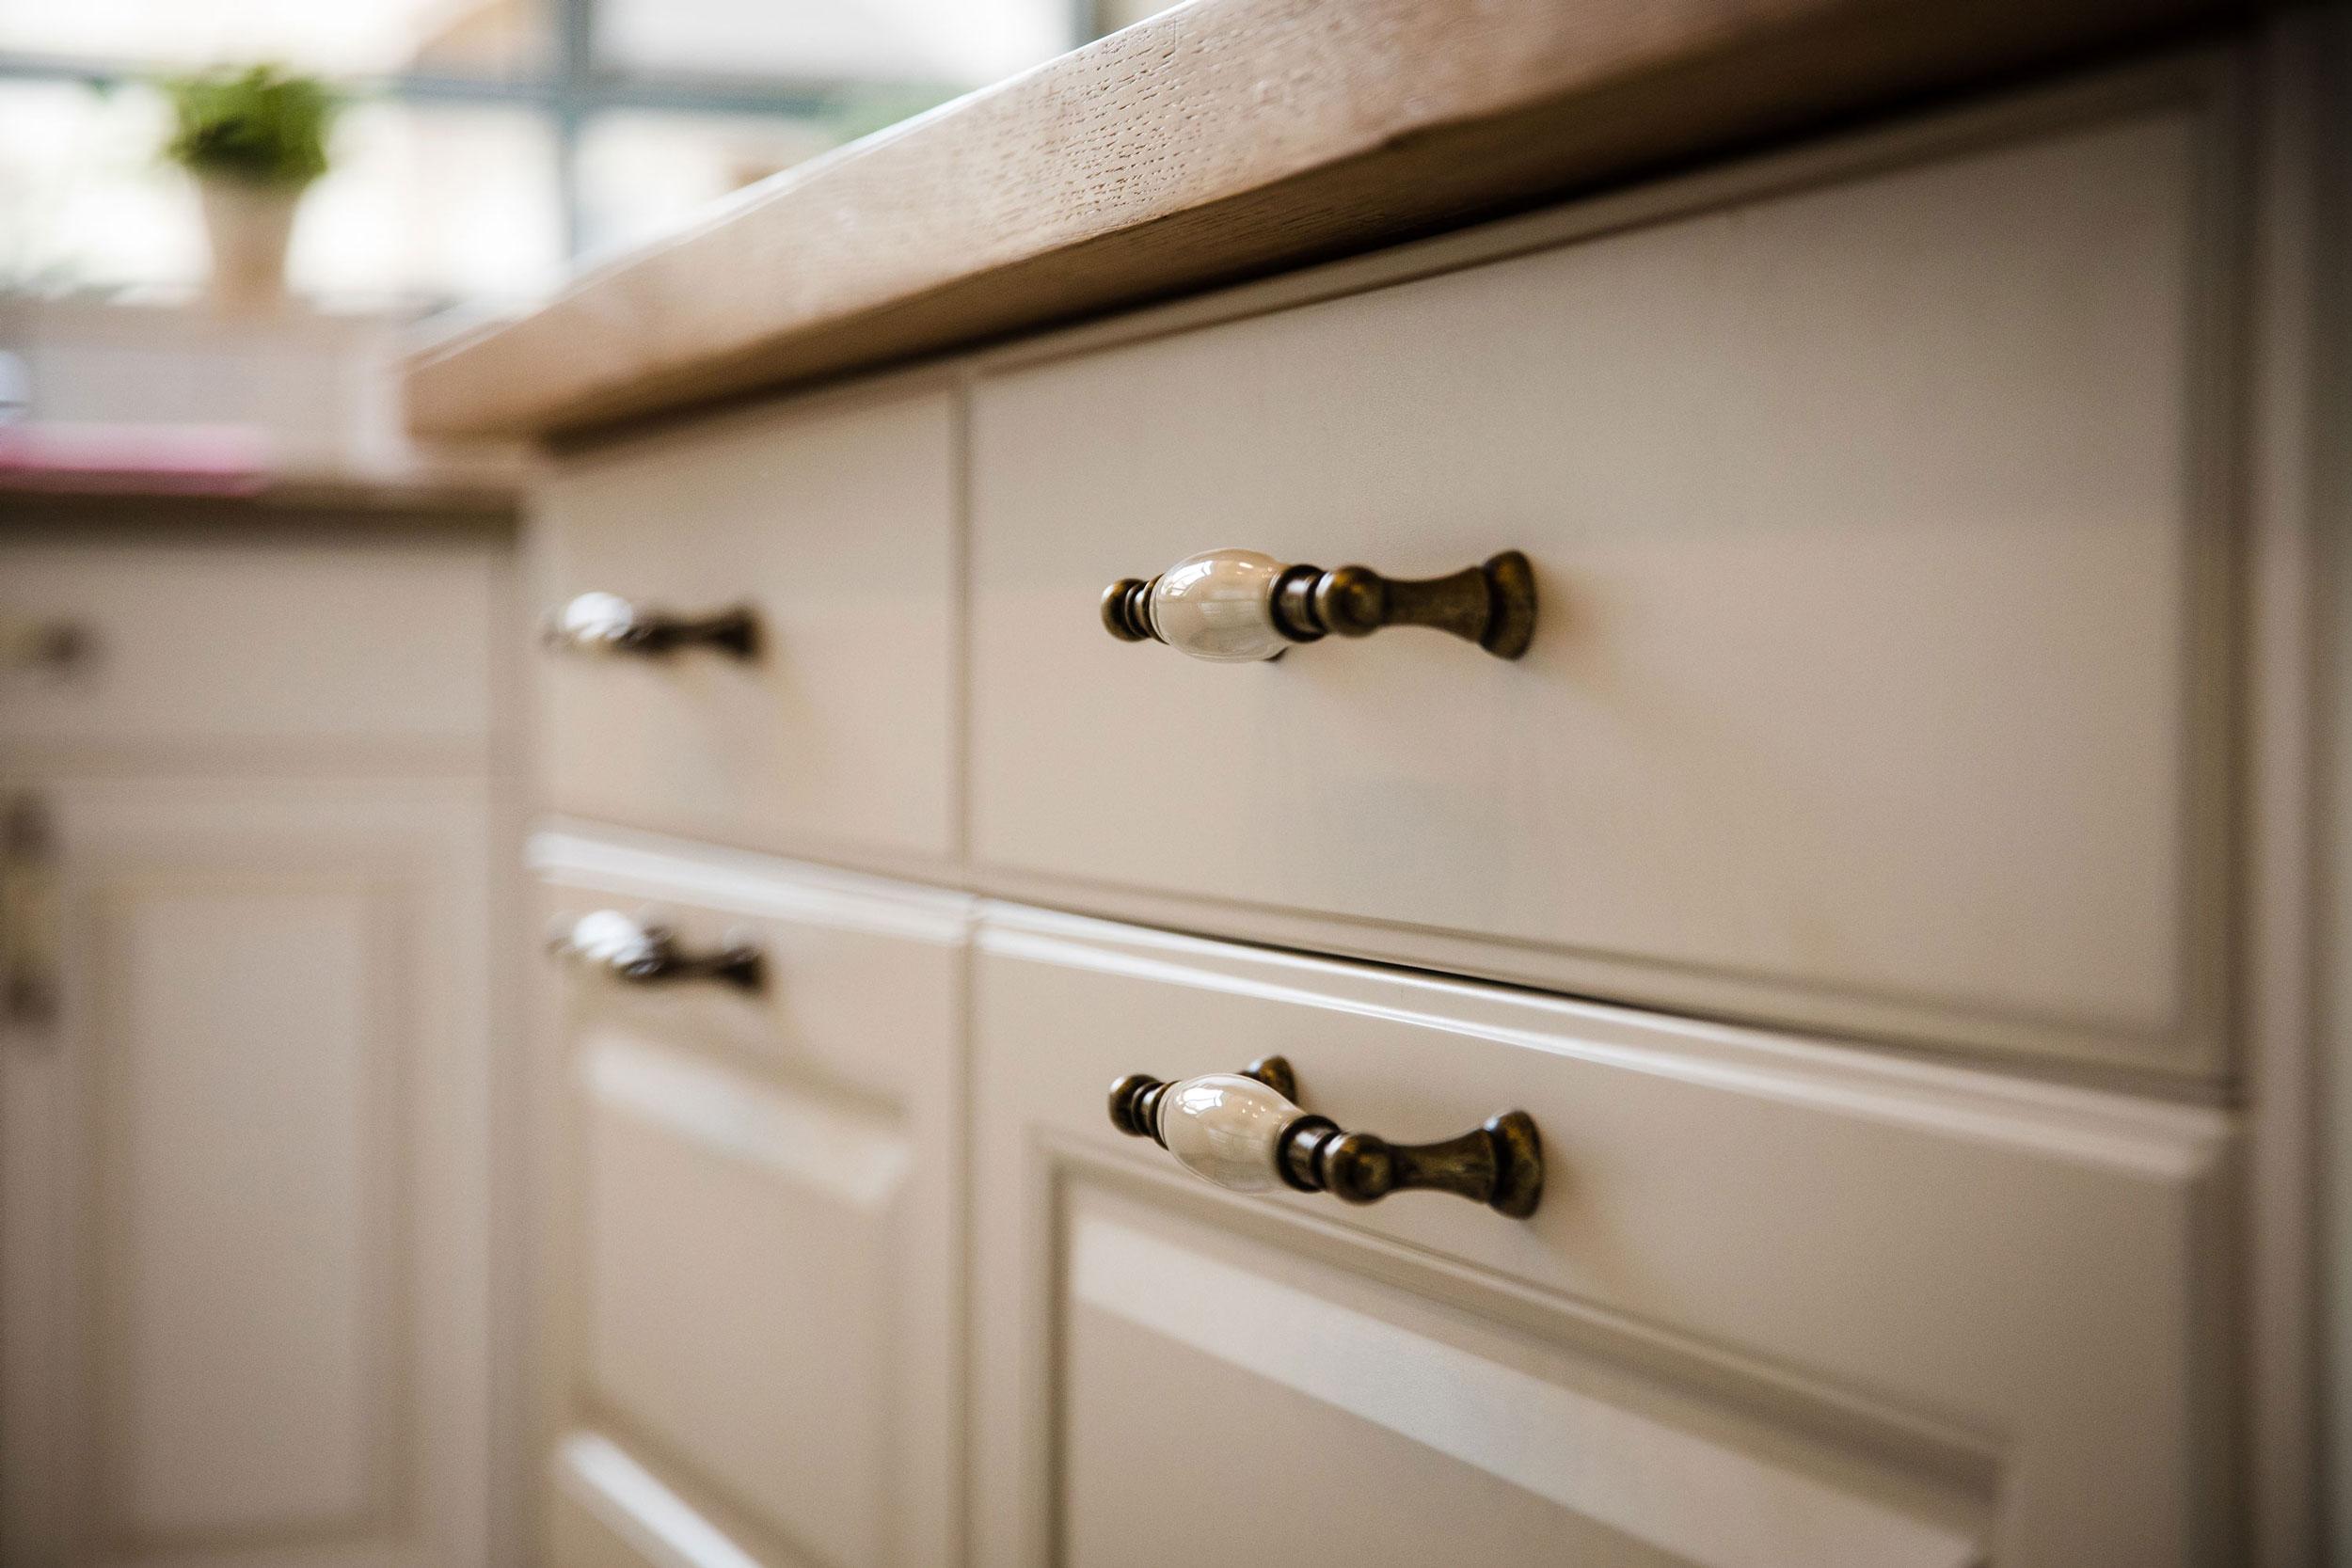 Cabinetry design details